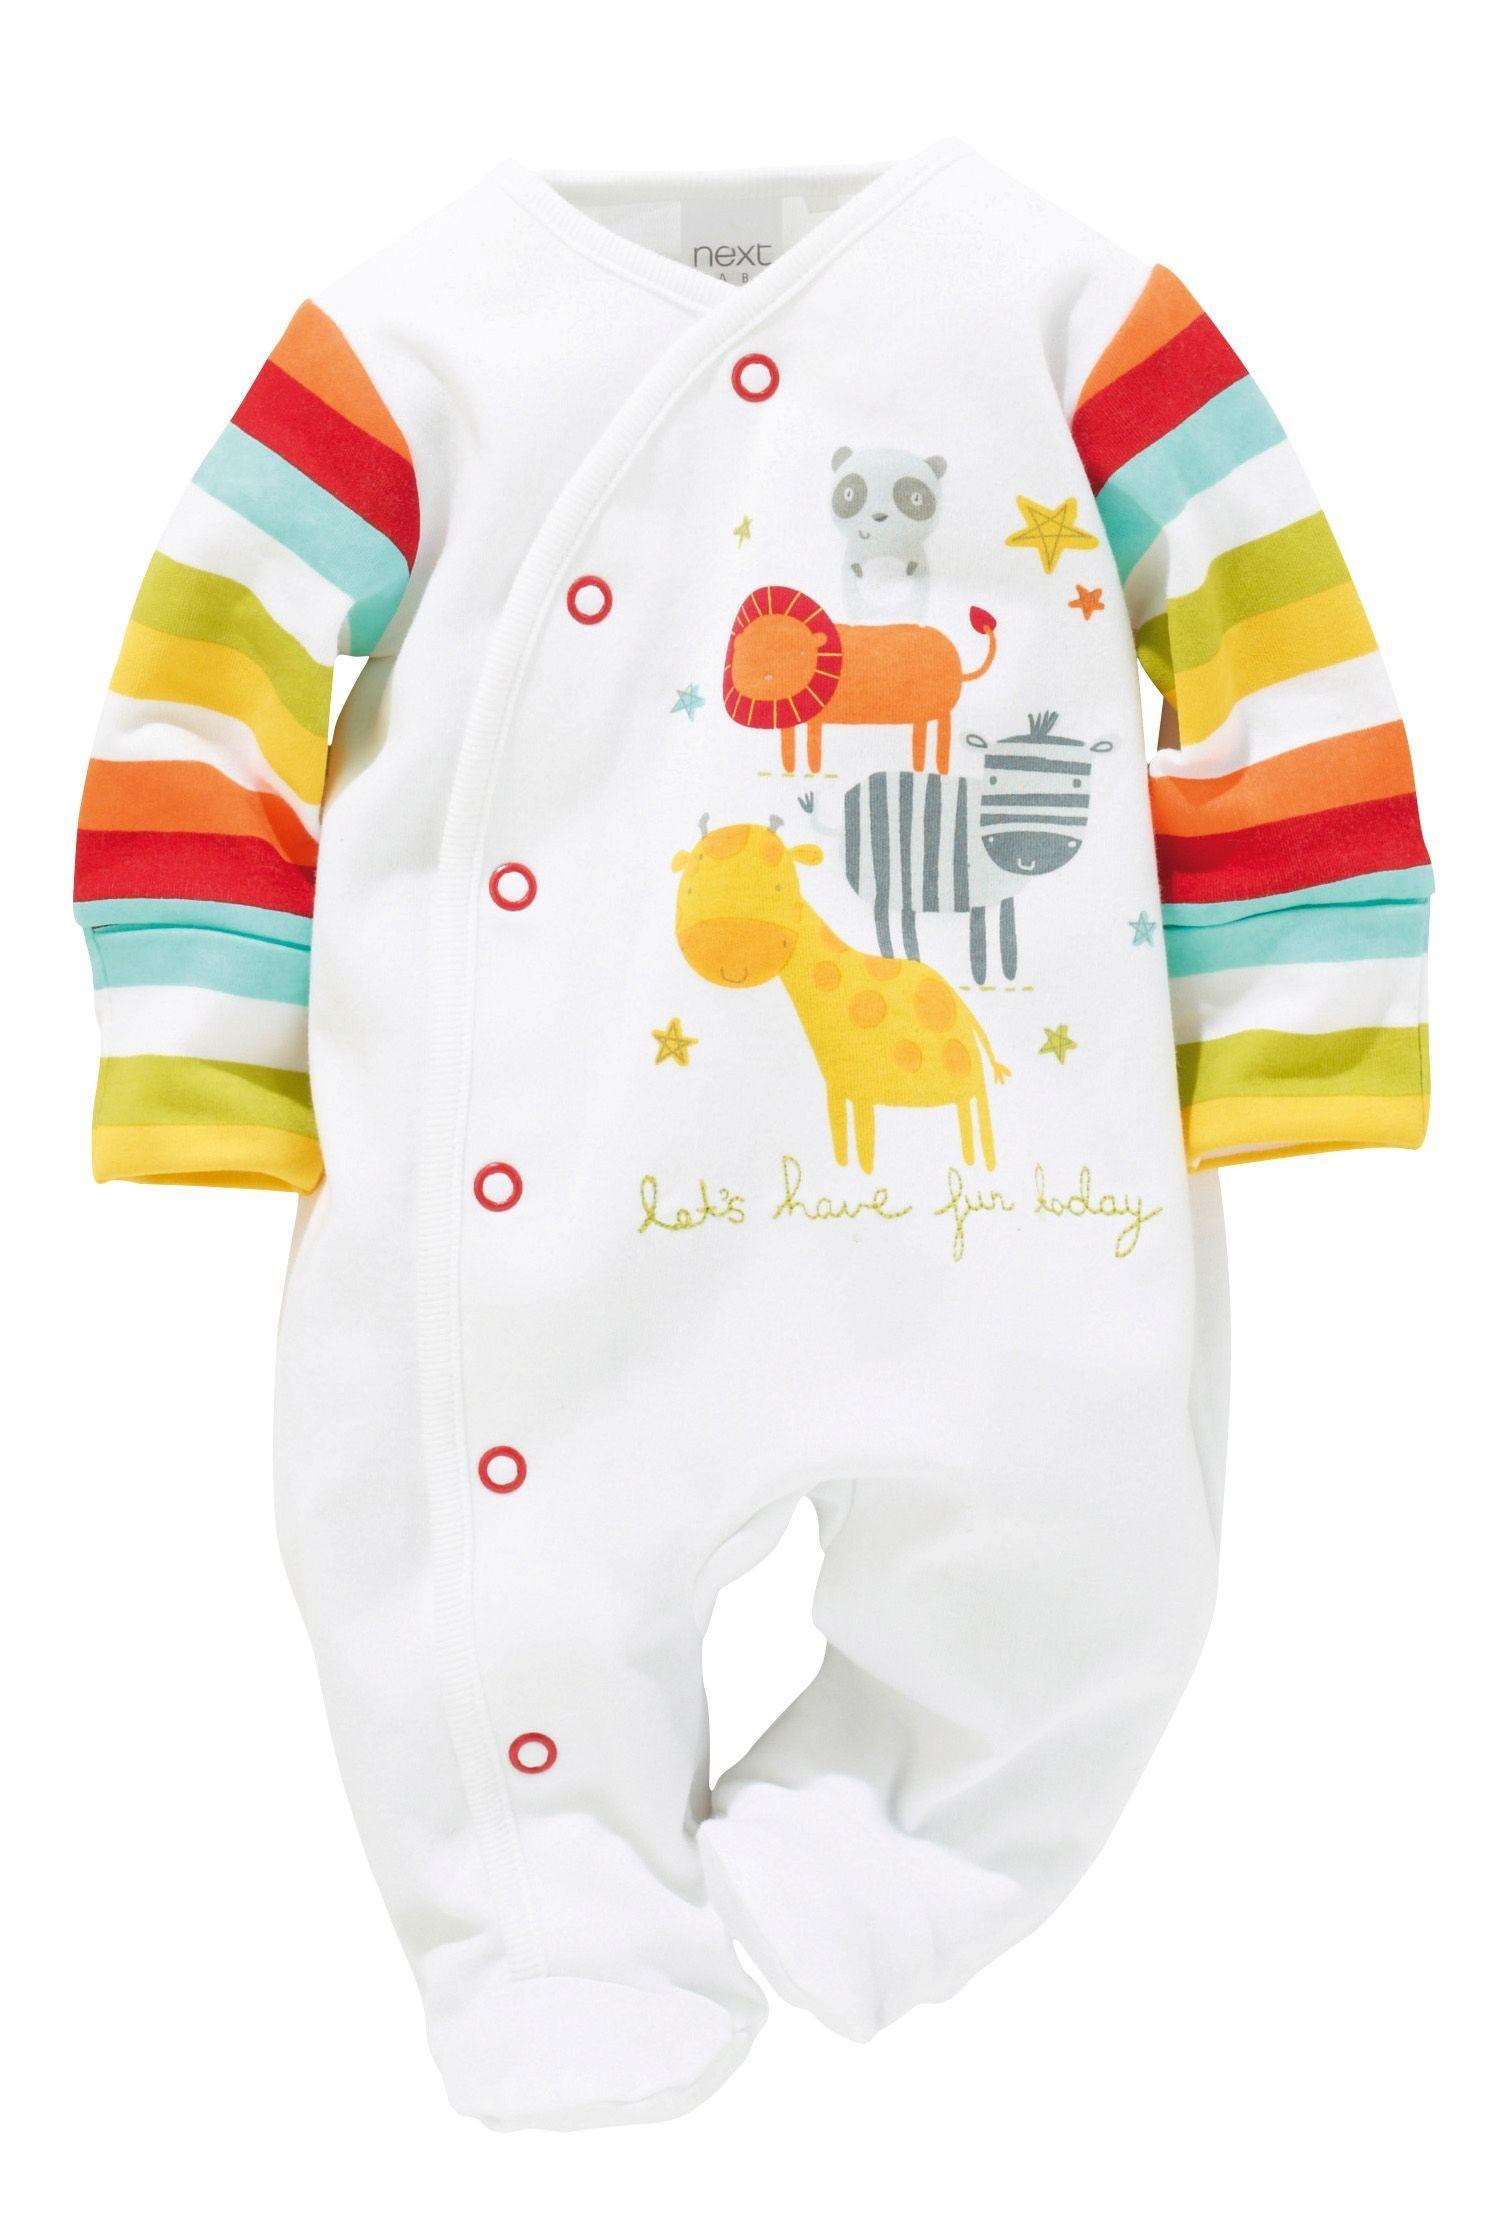 معرفة القراءة والكتابة رضا البولينج cheap baby clothes uk online